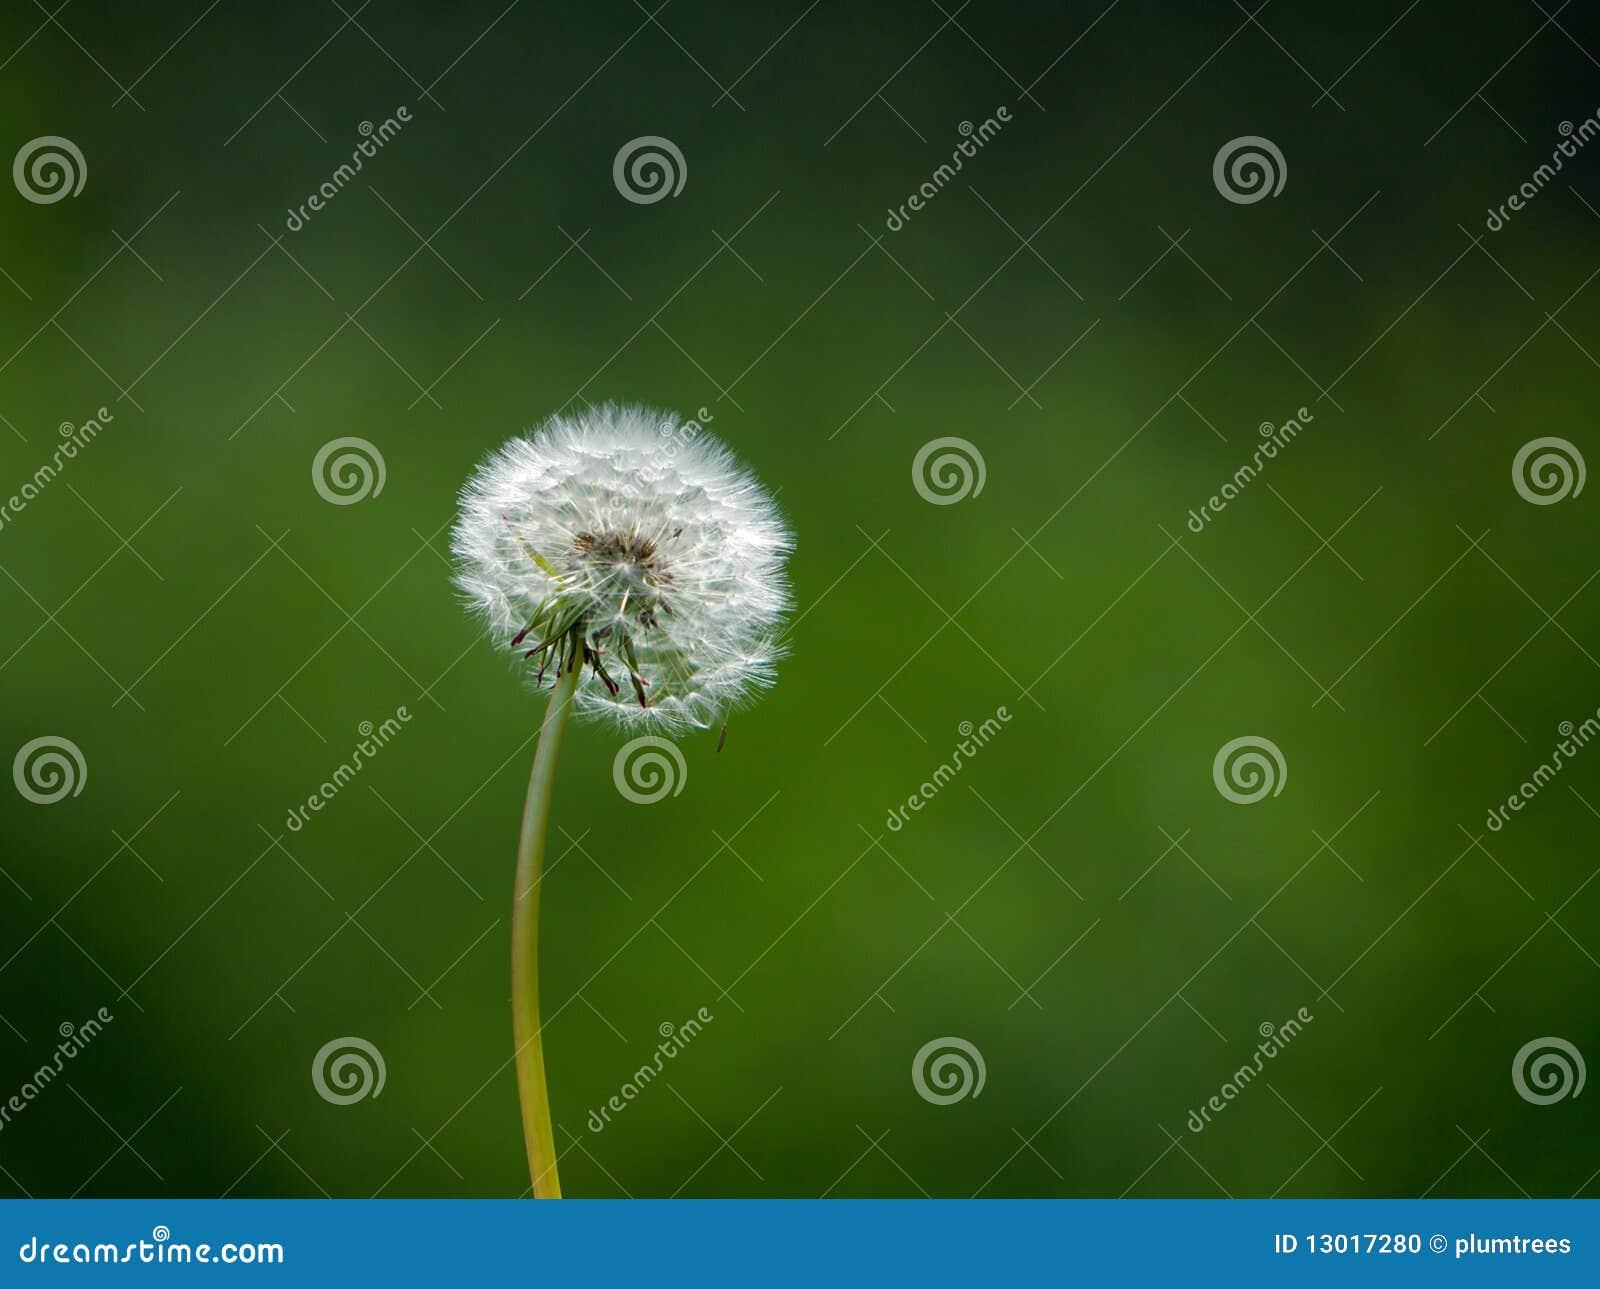 Dandelion head in a field